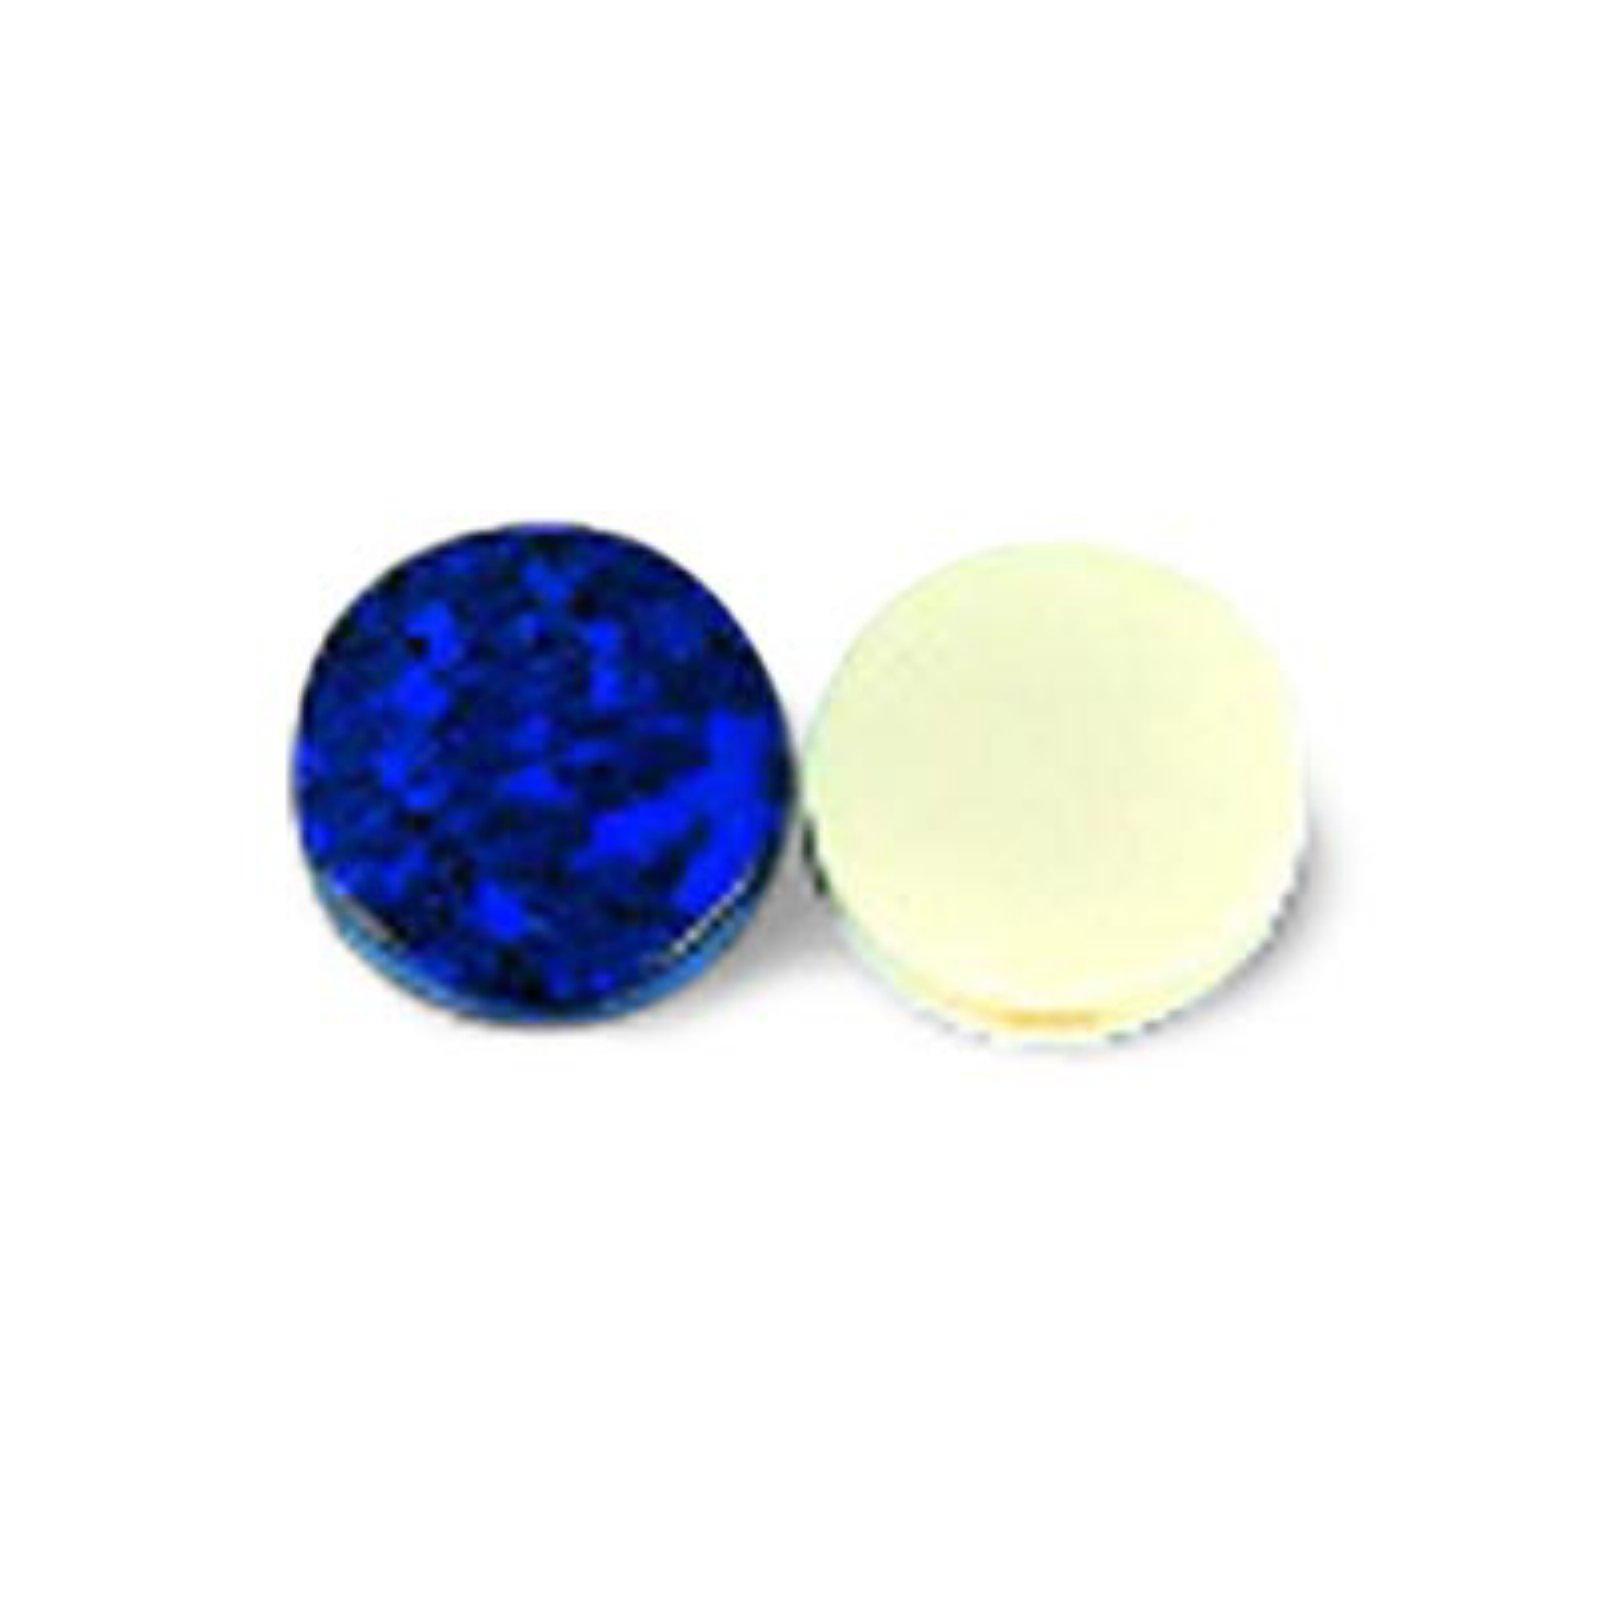 Uria Backgammon Checkers - Blue/Creme